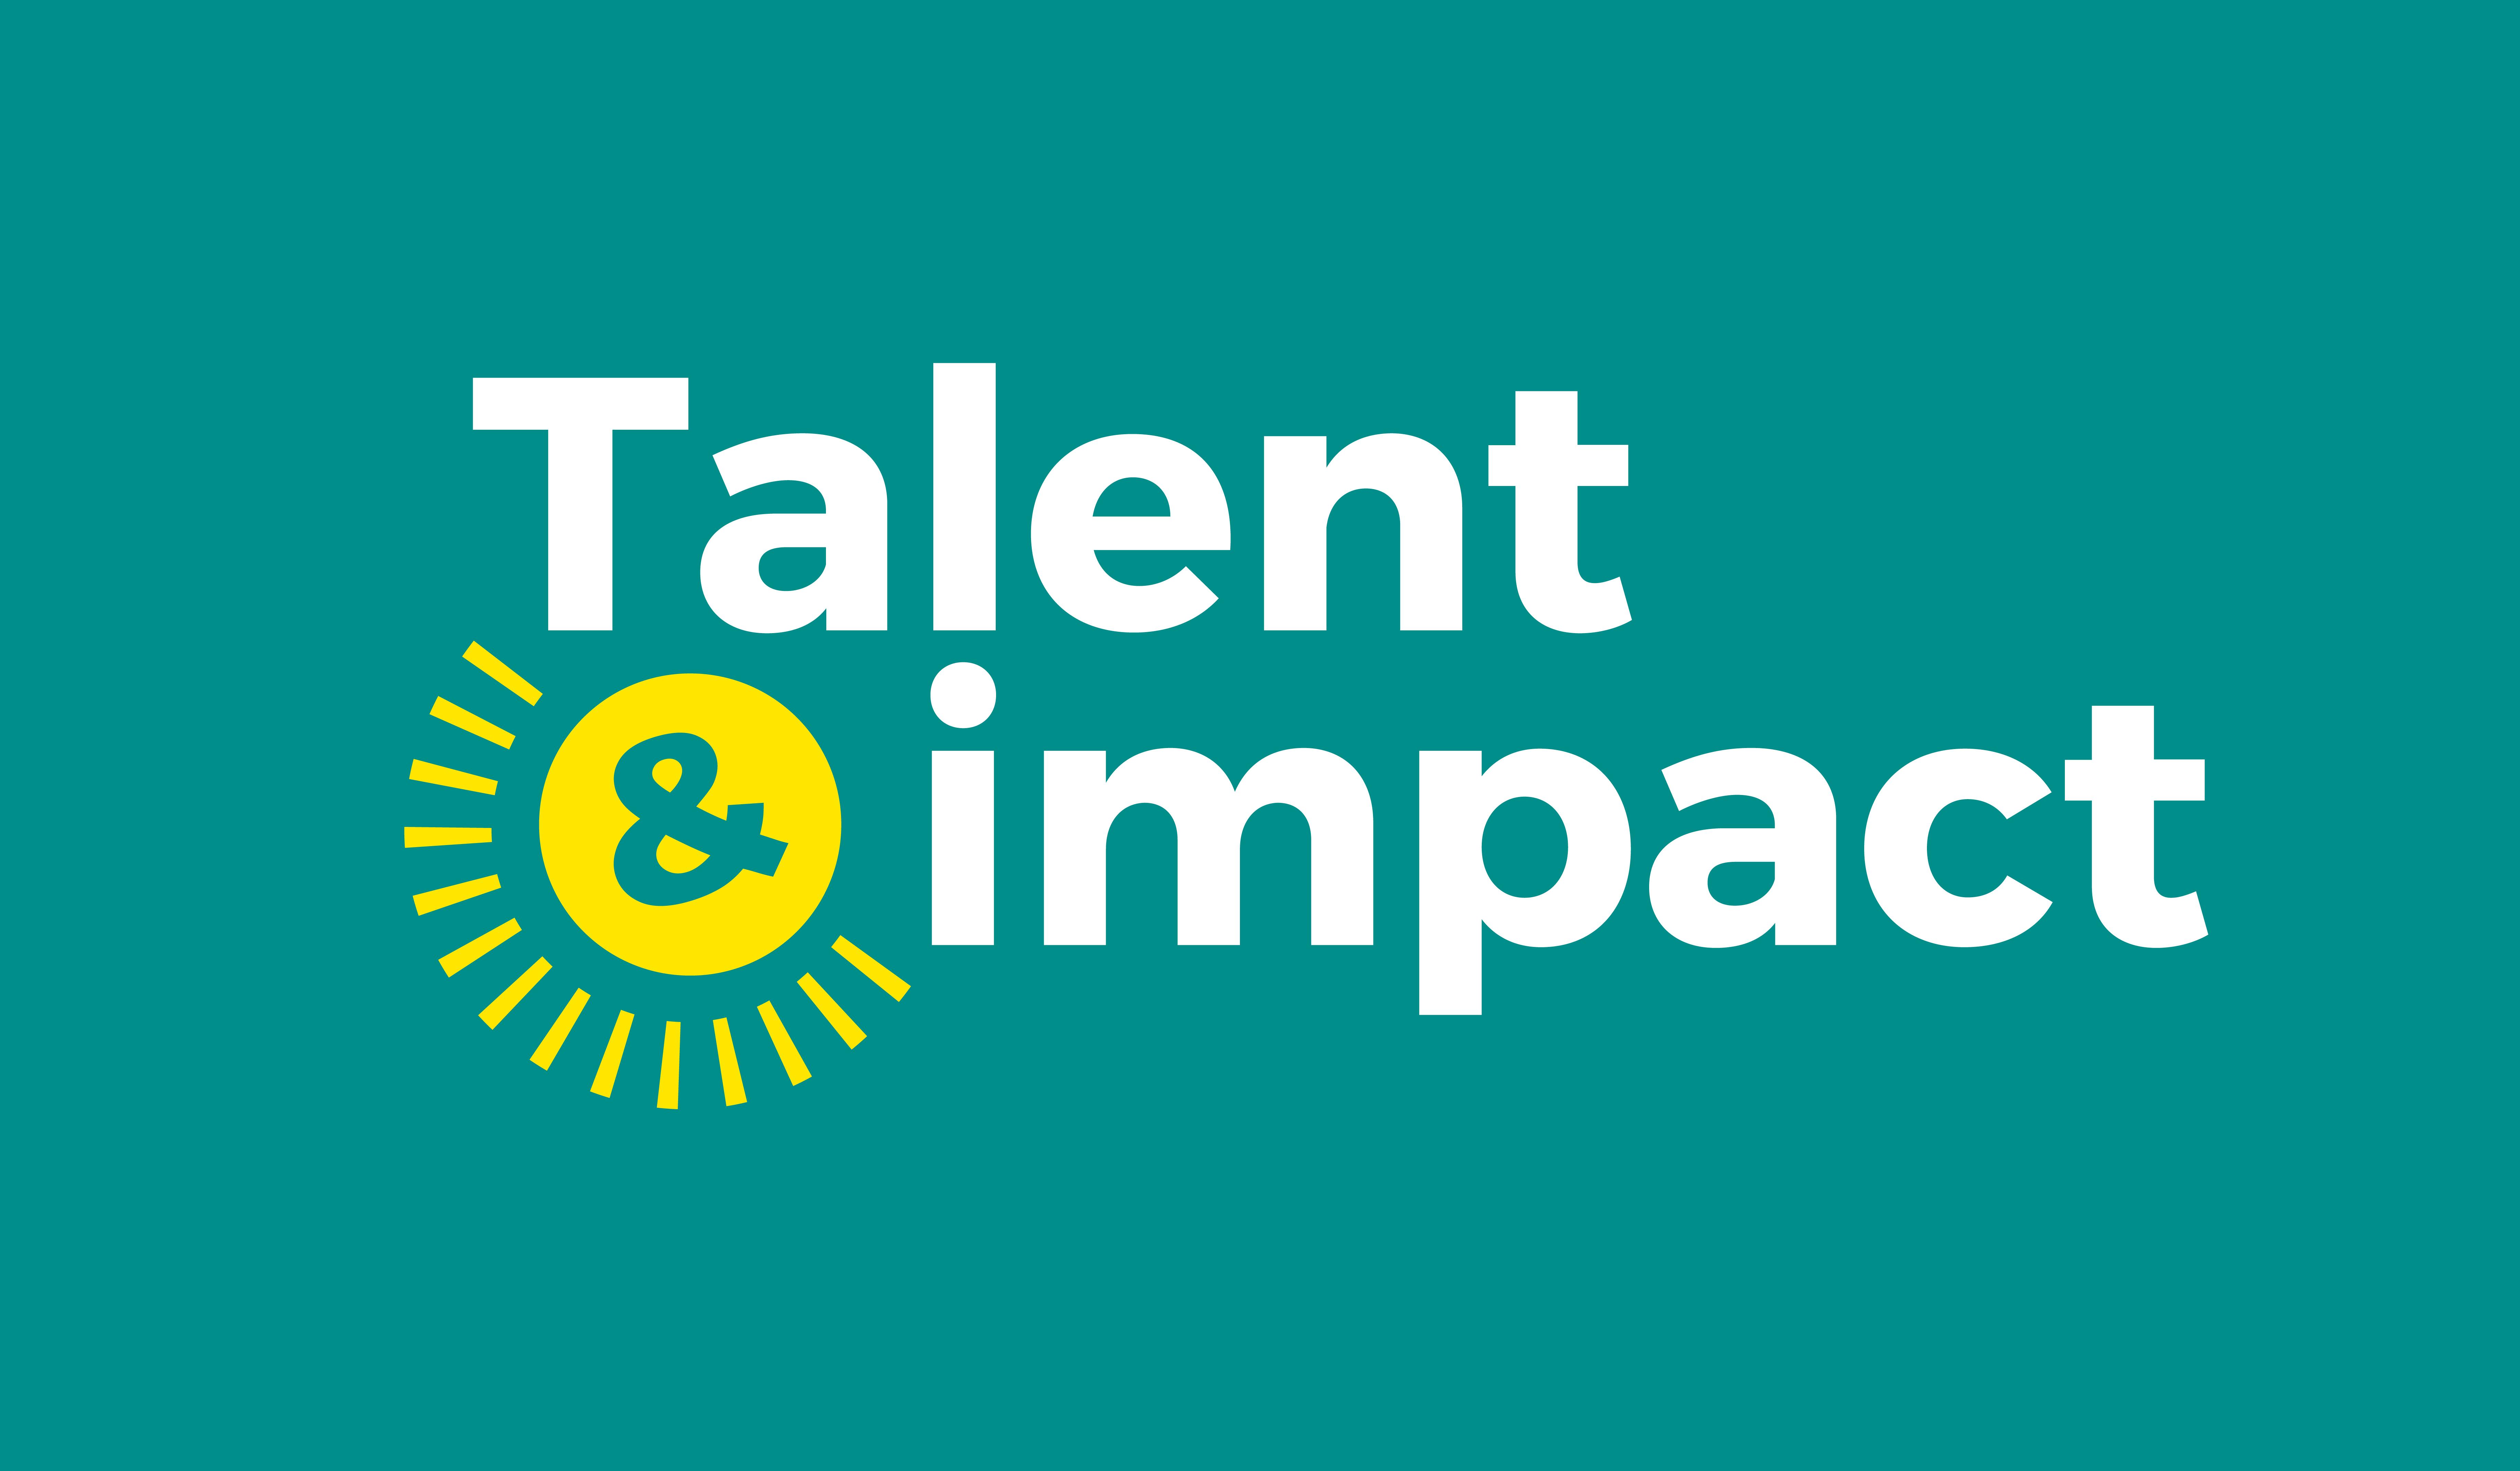 Talent et impact